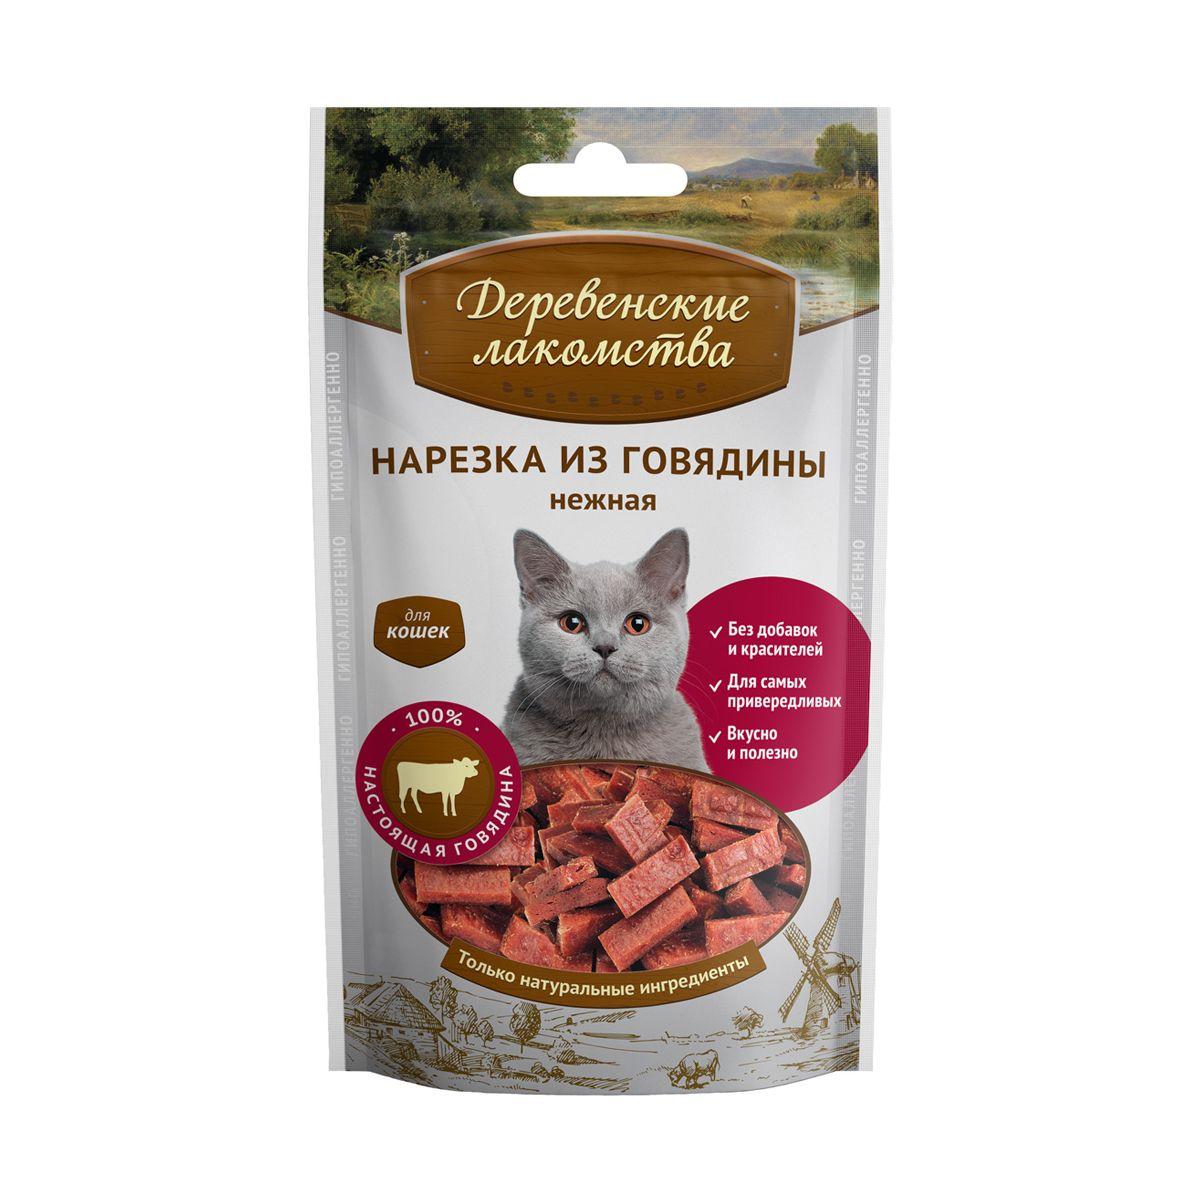 Лакомство для кошек Деревенские лакомства, нарезка из говядины нежная, 50 г41164Лакомство для кошек. Свежайшее мясо говядины — превосходное угощение для любимой кошки!Состав: говядина.Гарантированные показатели на 100 г продукта:белок — 44,0 г, жир — 5,6 г, влага — 23,0 г,клетчатка — 0,1 г.Энергетическая ценность в 100 г продукта: 226,4 ккал. Товар сертифицирован.